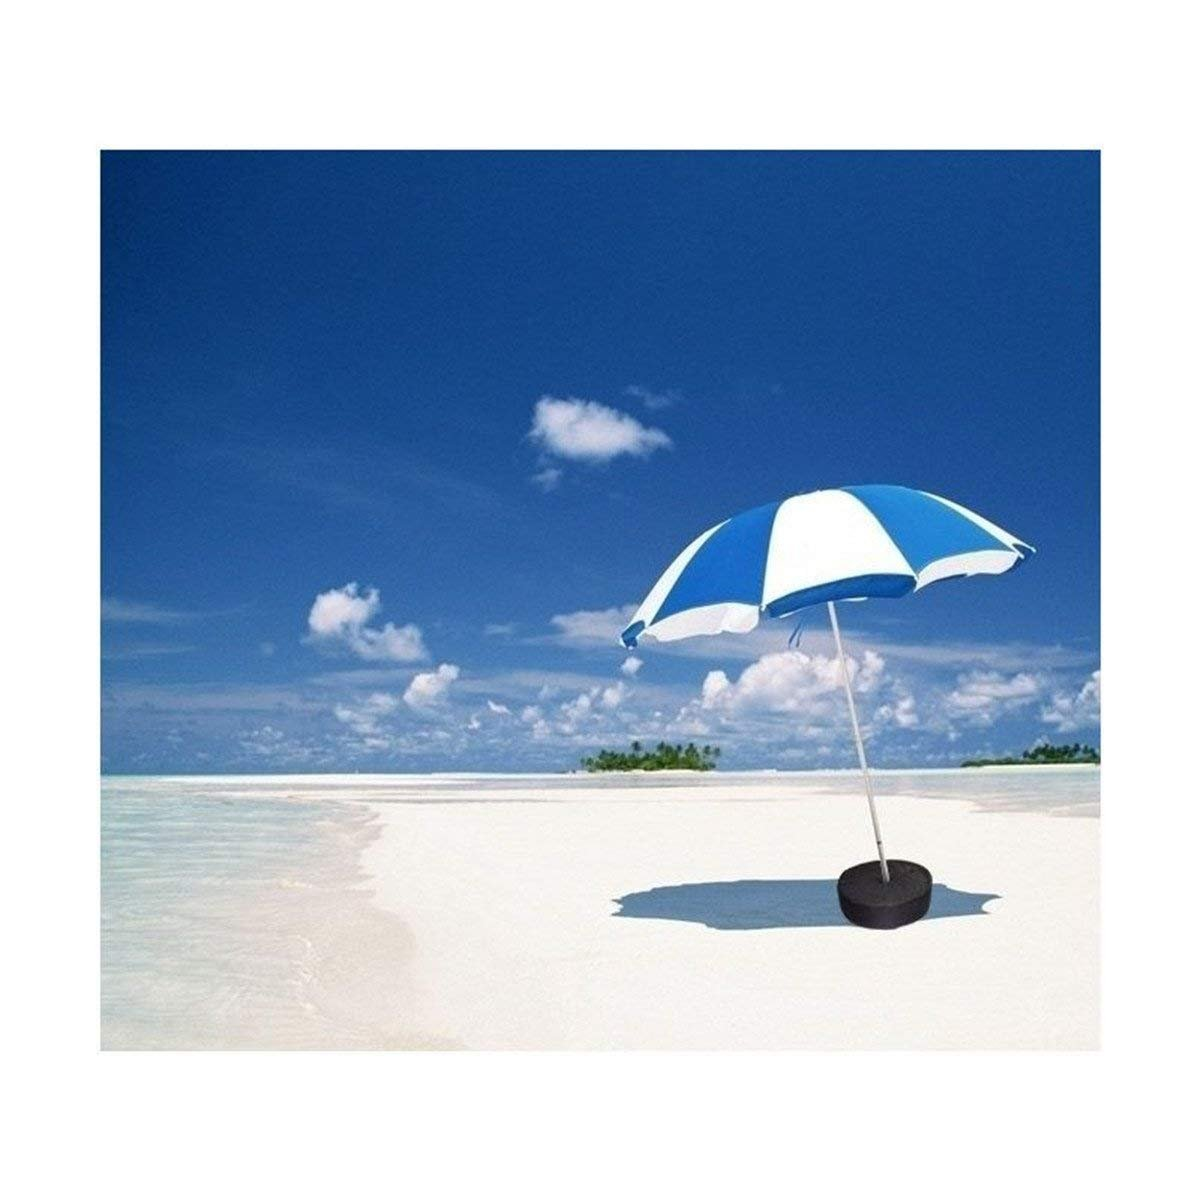 supporti e basi da 45,7 cm per parasole Do4U base con peso per ombrelloni parasole,/borsa multicolore